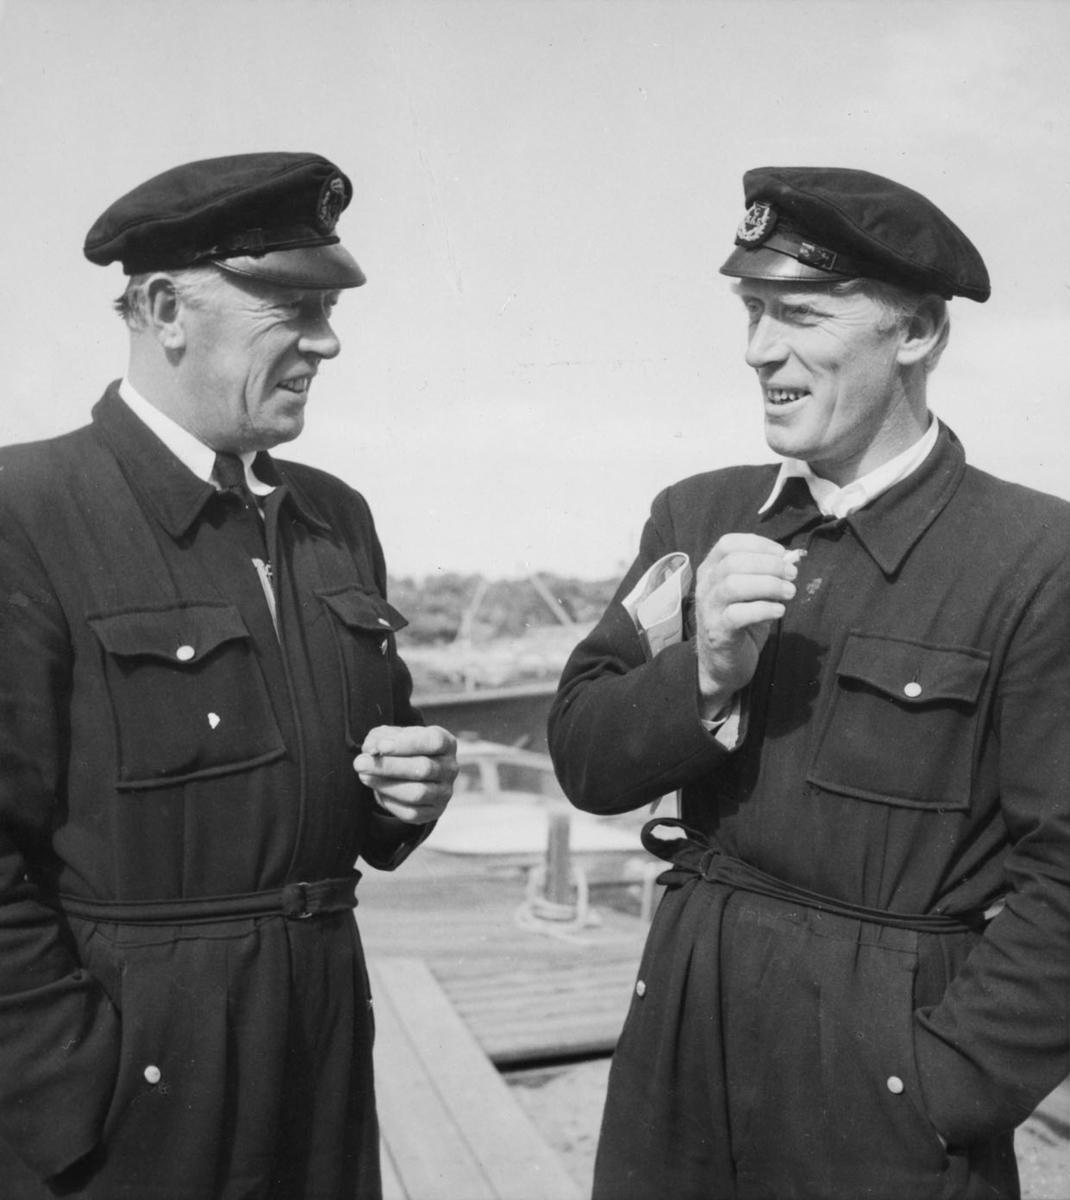 Övrigt: Bröderna George och Wille Lindahl från GKSS fotograferade i augusti 1946 under Sandhamnsregattan